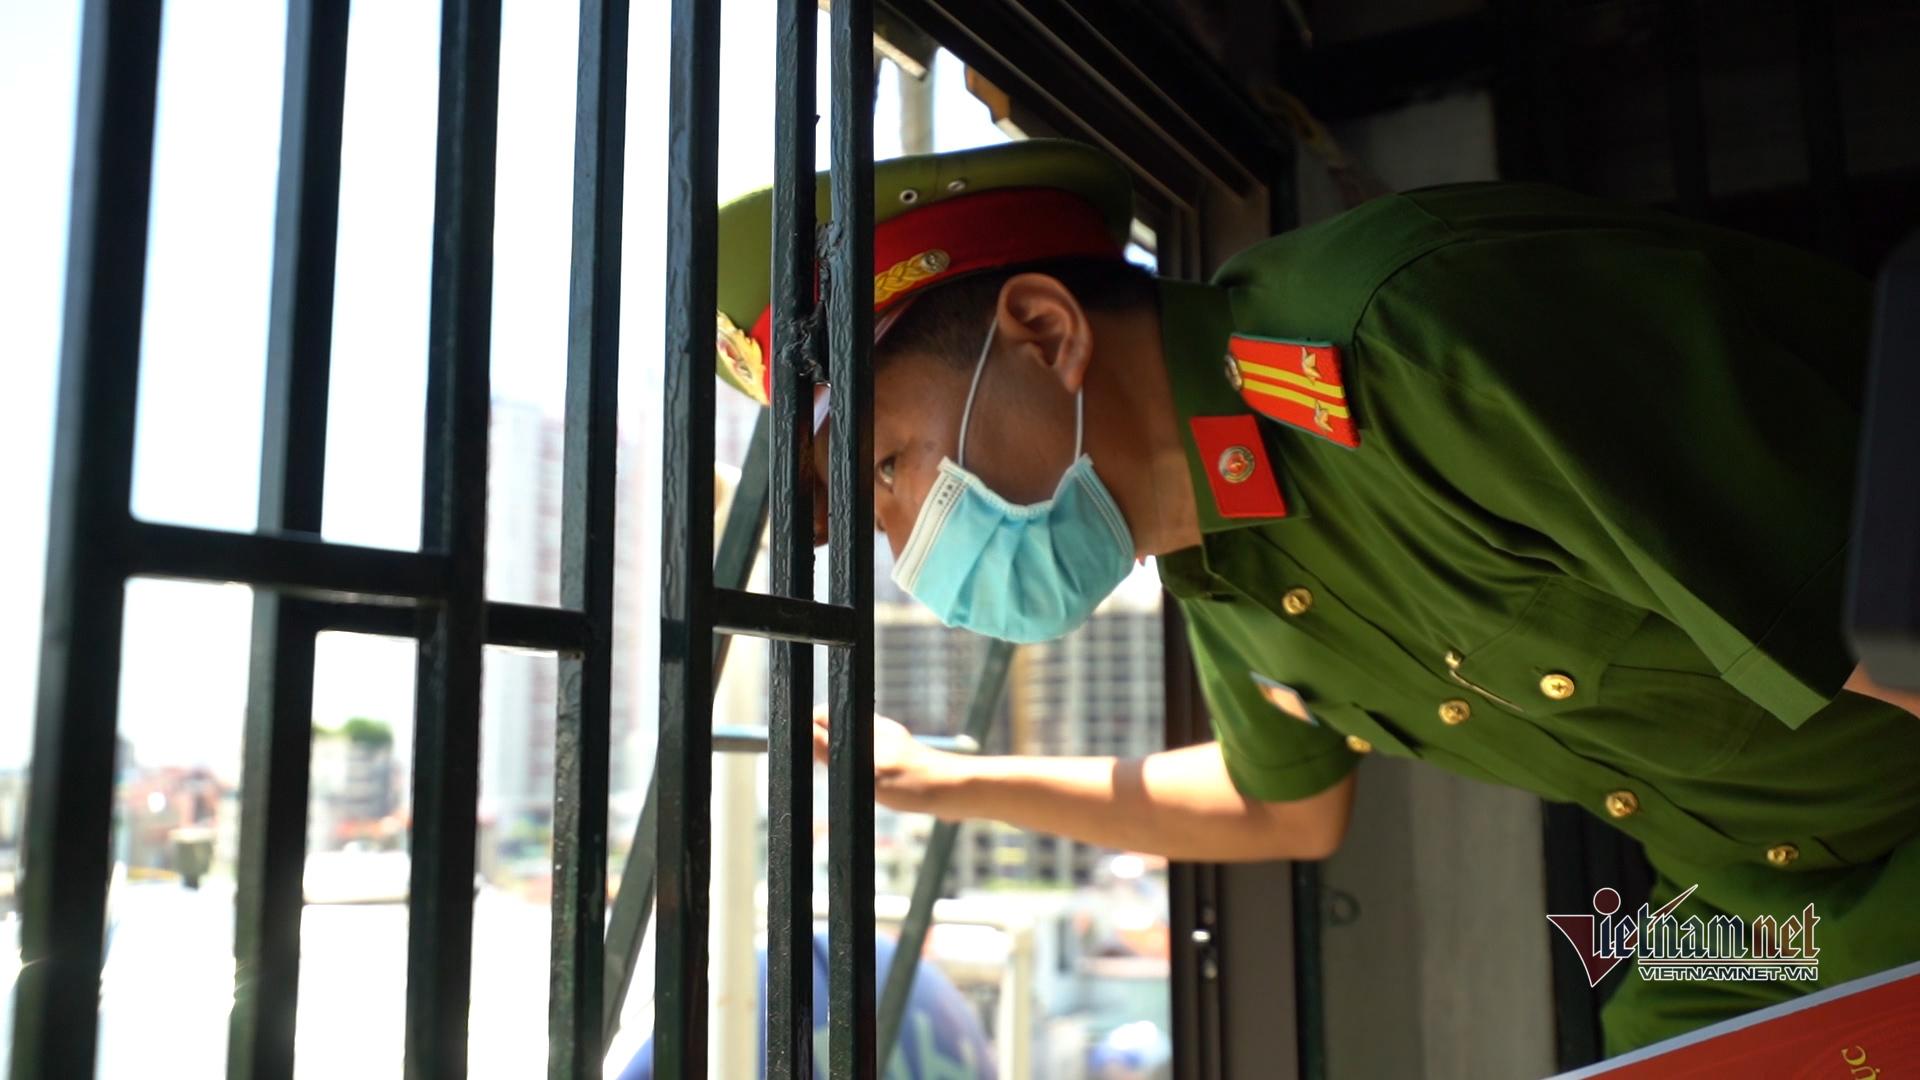 Dỡ 'chuồng cọp' là điểm sáng phòng hỏa hoạn ở Hà Nội